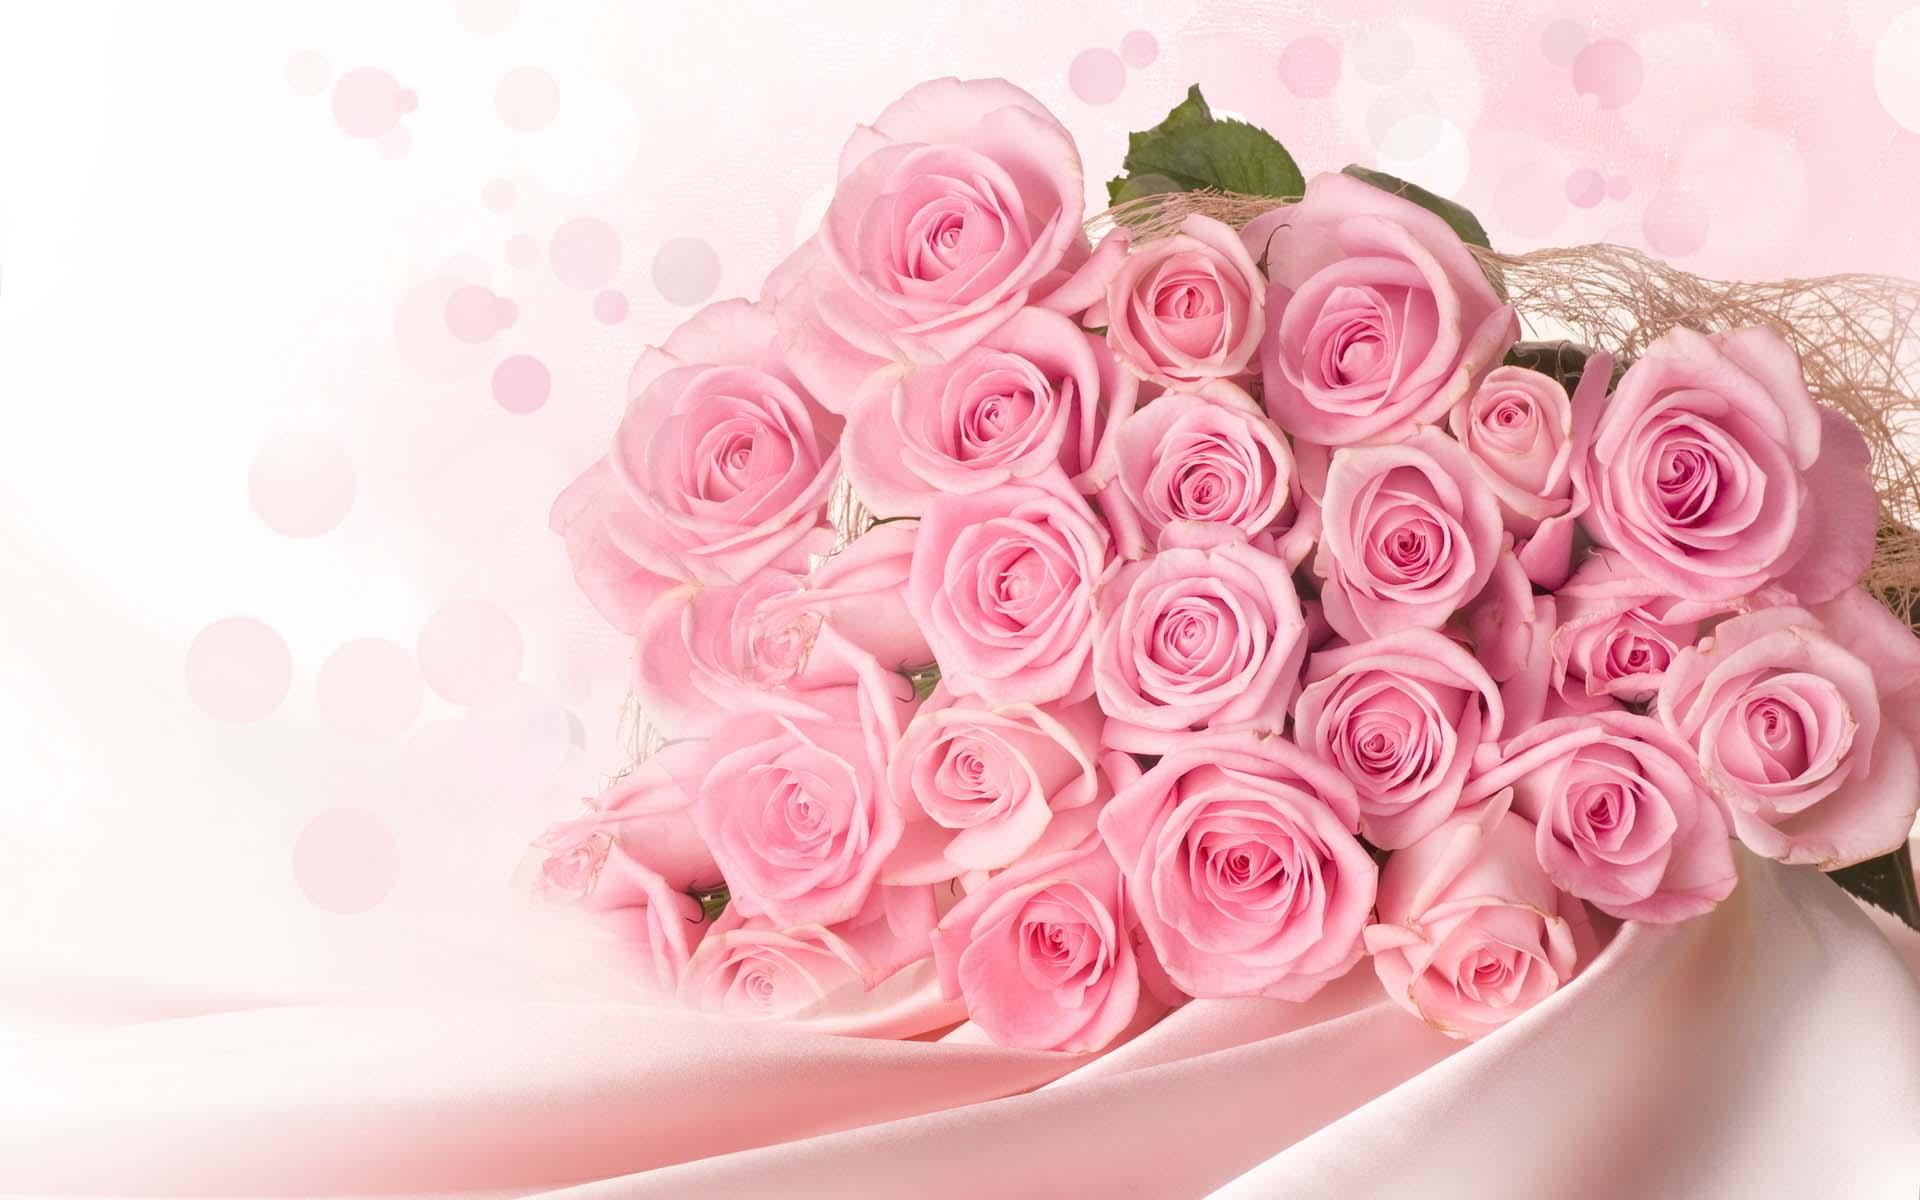 Ảnh nền hoa hồng đẹp